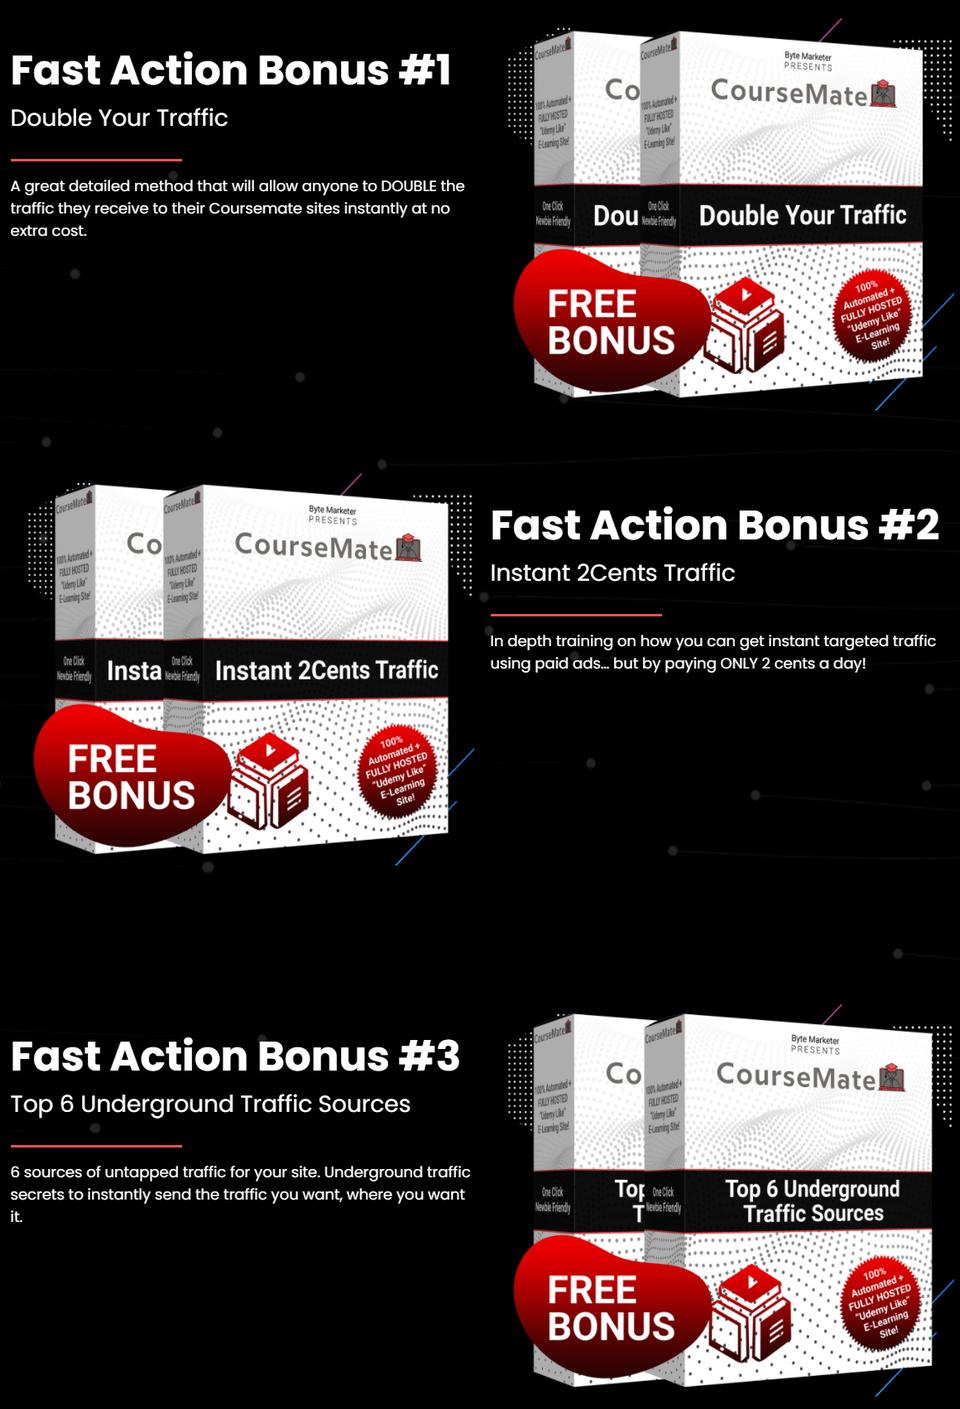 Coursemate-bonus